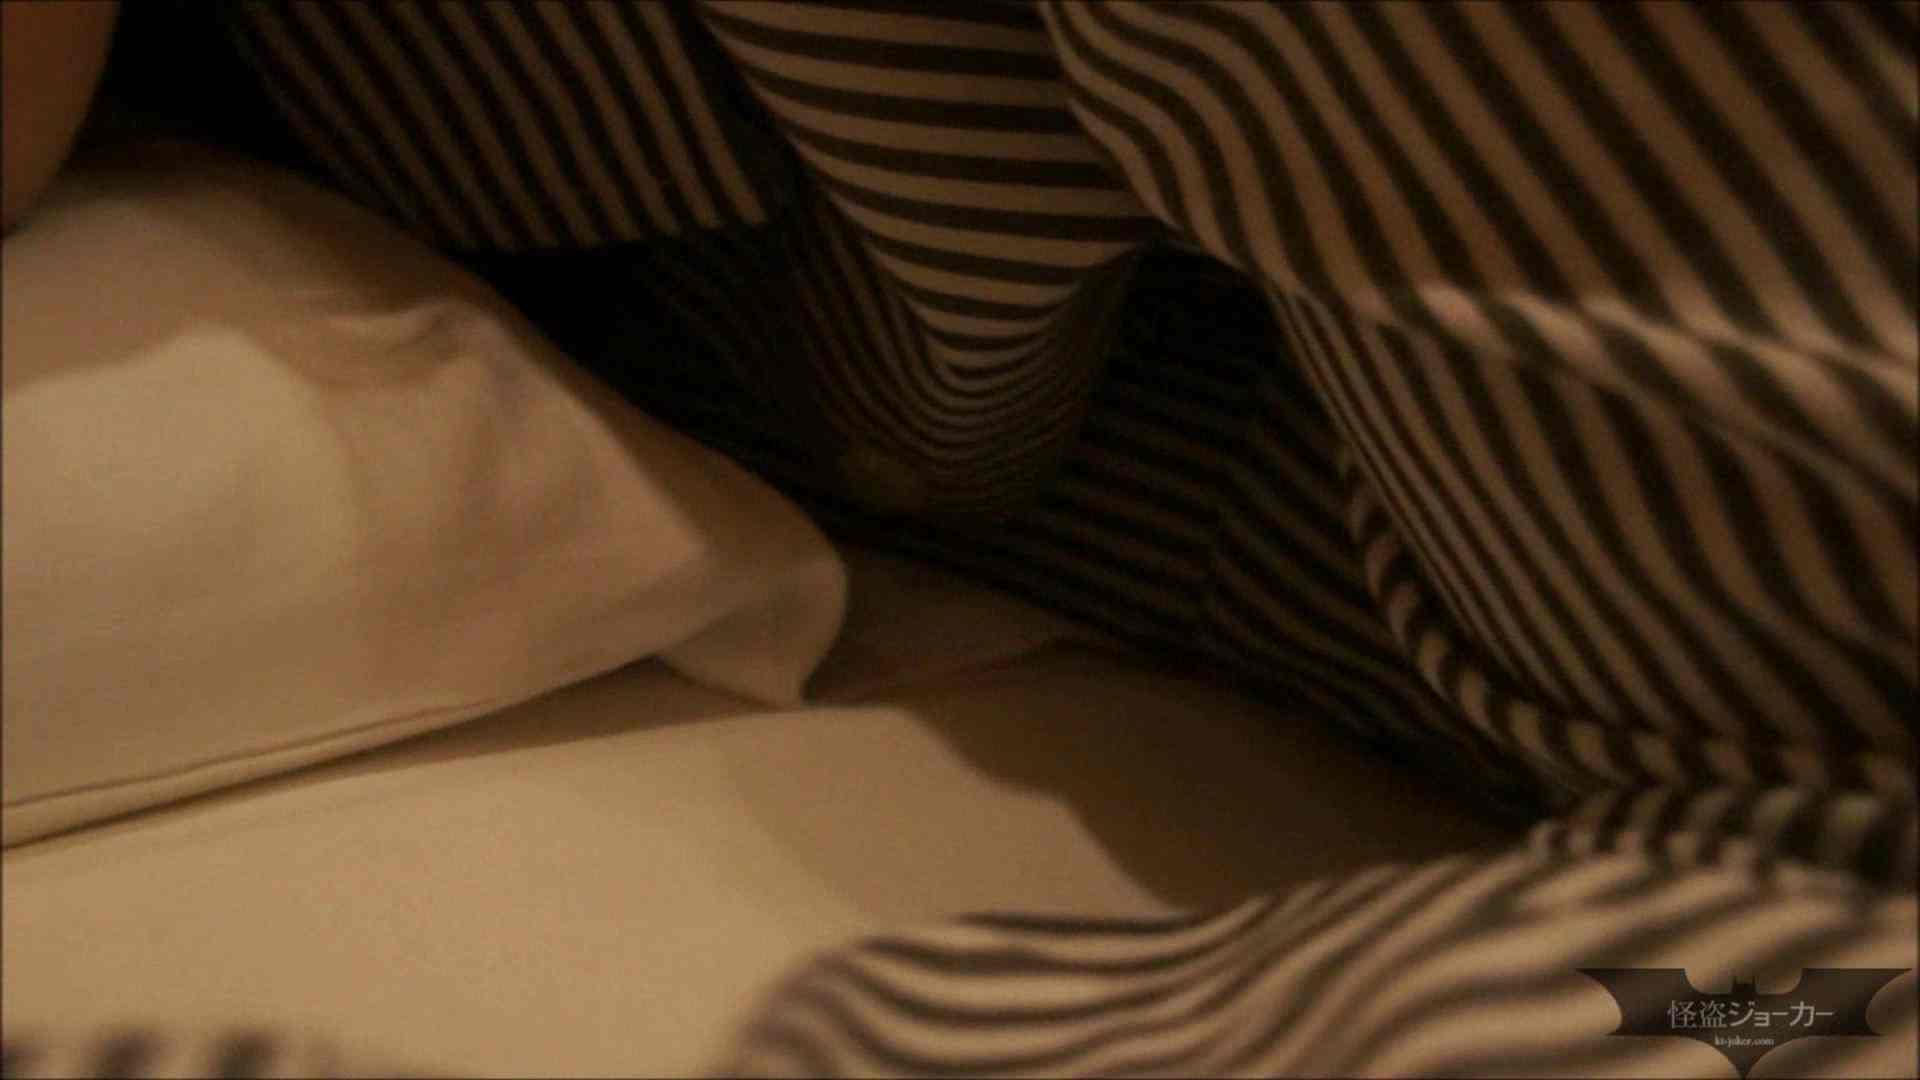 【未公開】vol.19 セレブ美魔女・仕事帰りに口淫、膣内射精、滴り落ちる精液。 美乳 エロ無料画像 86枚 50